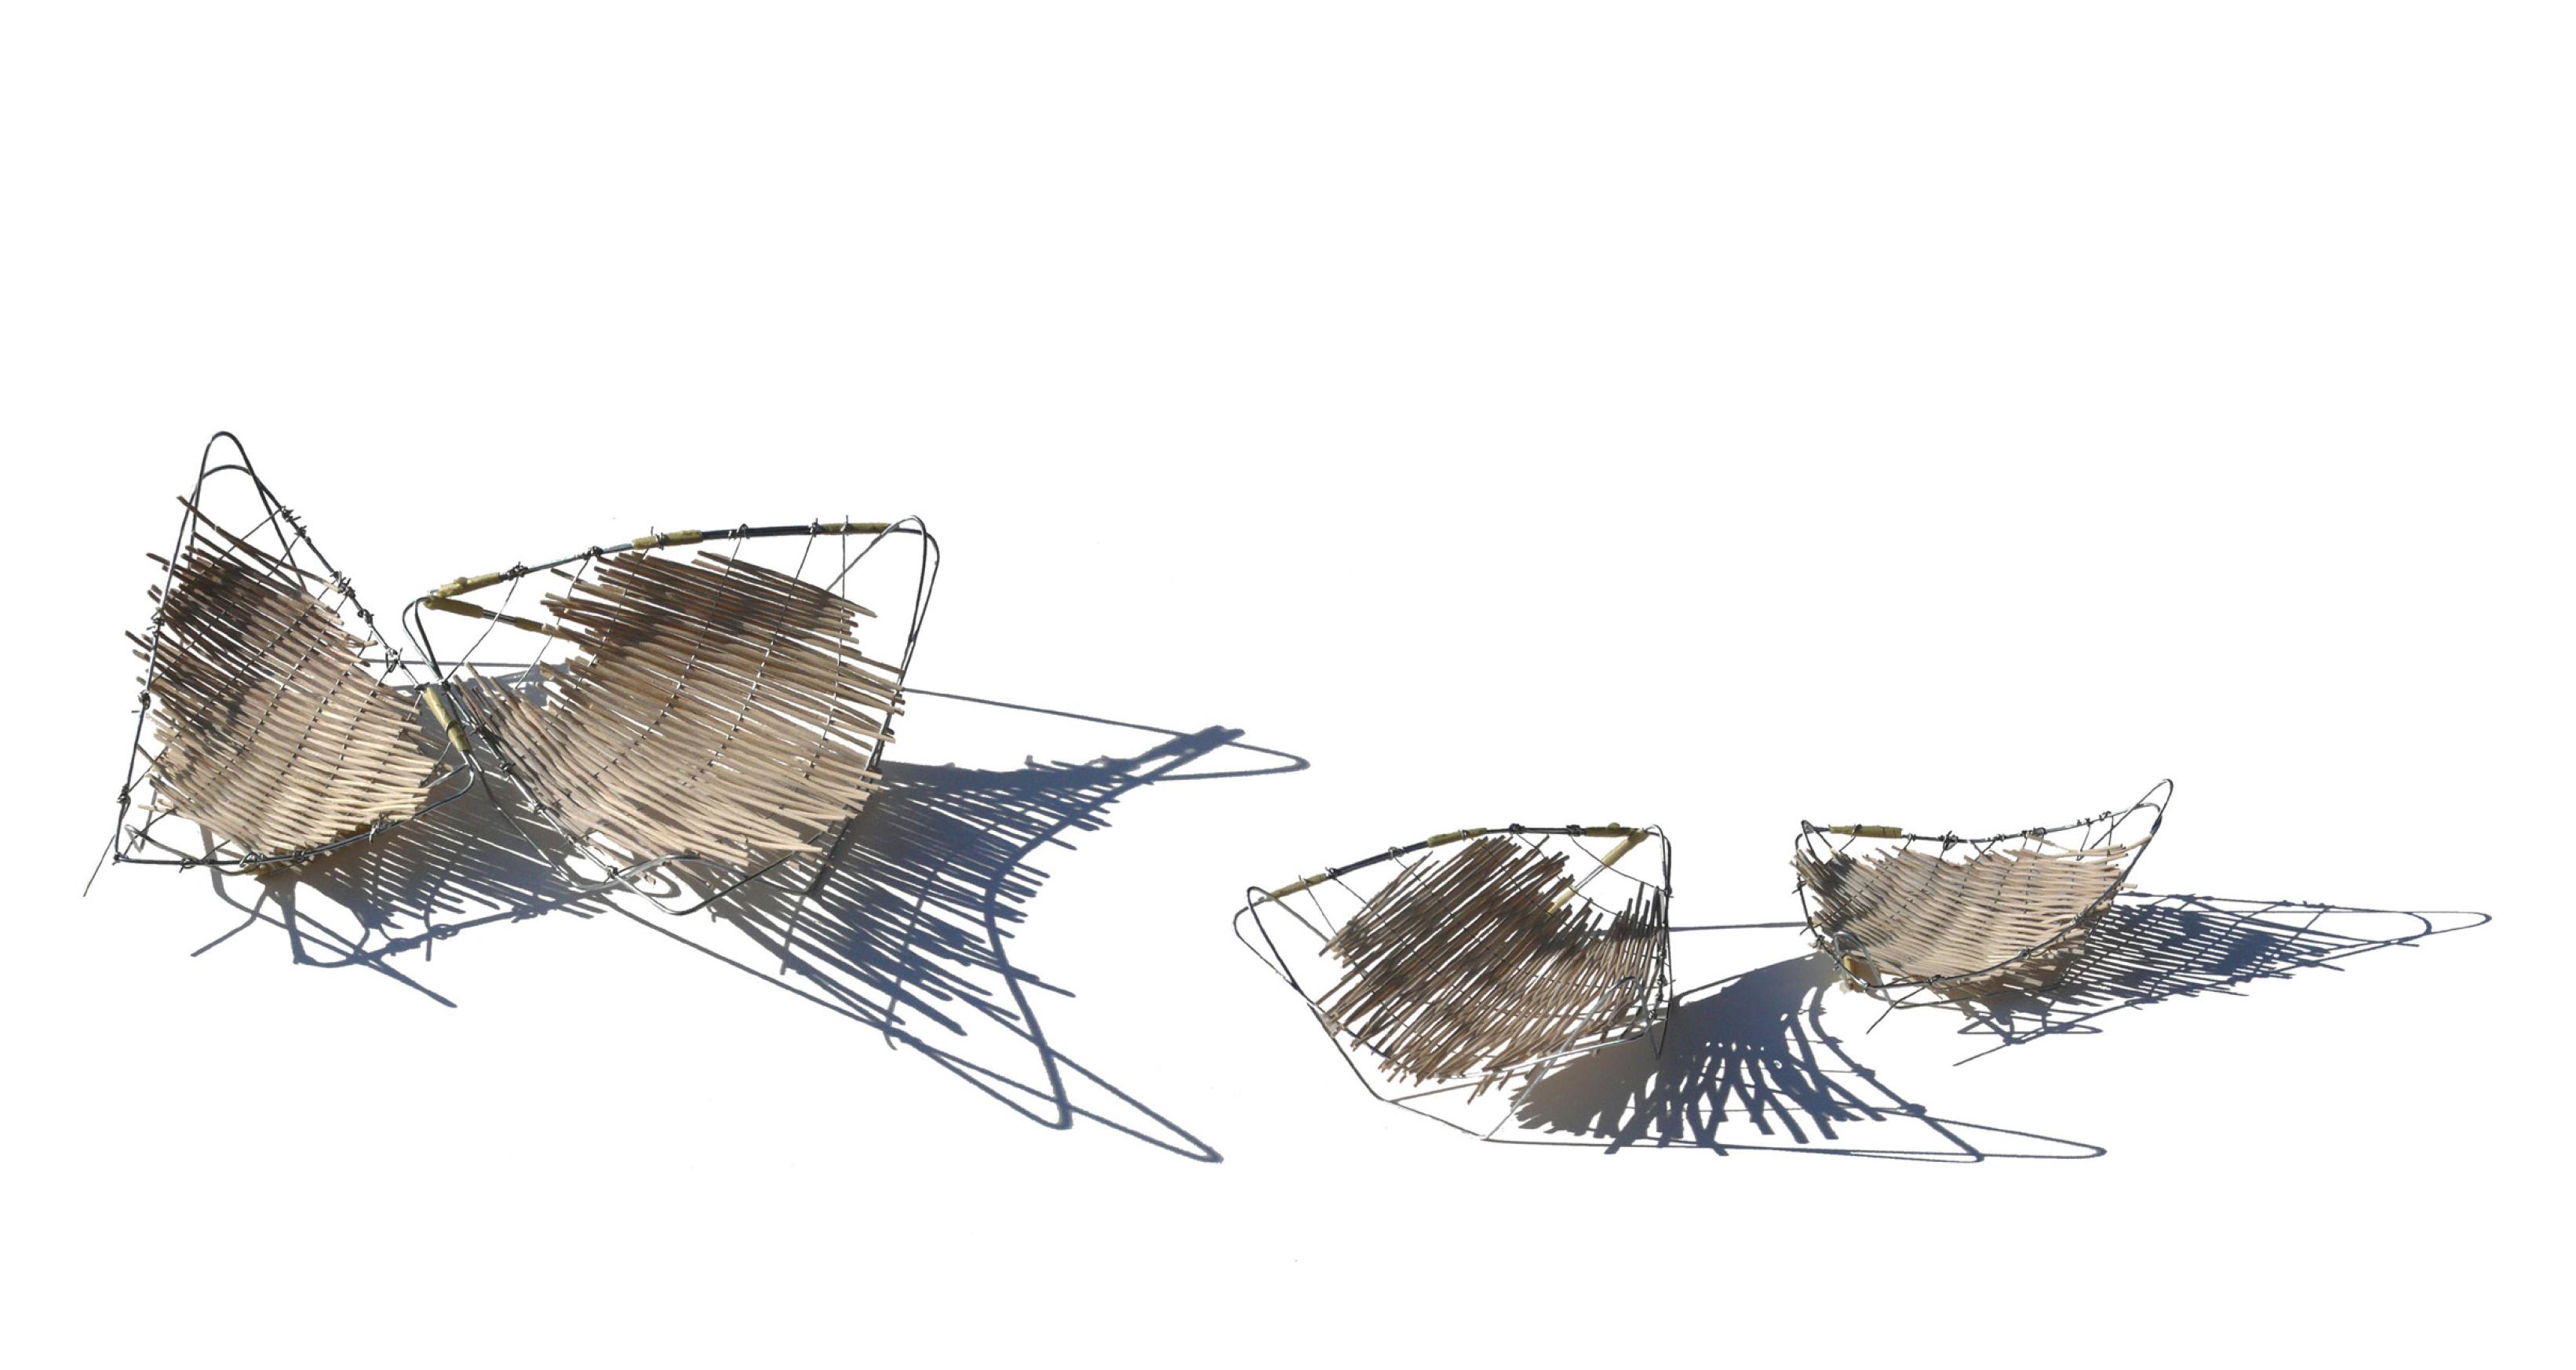 tina sketch